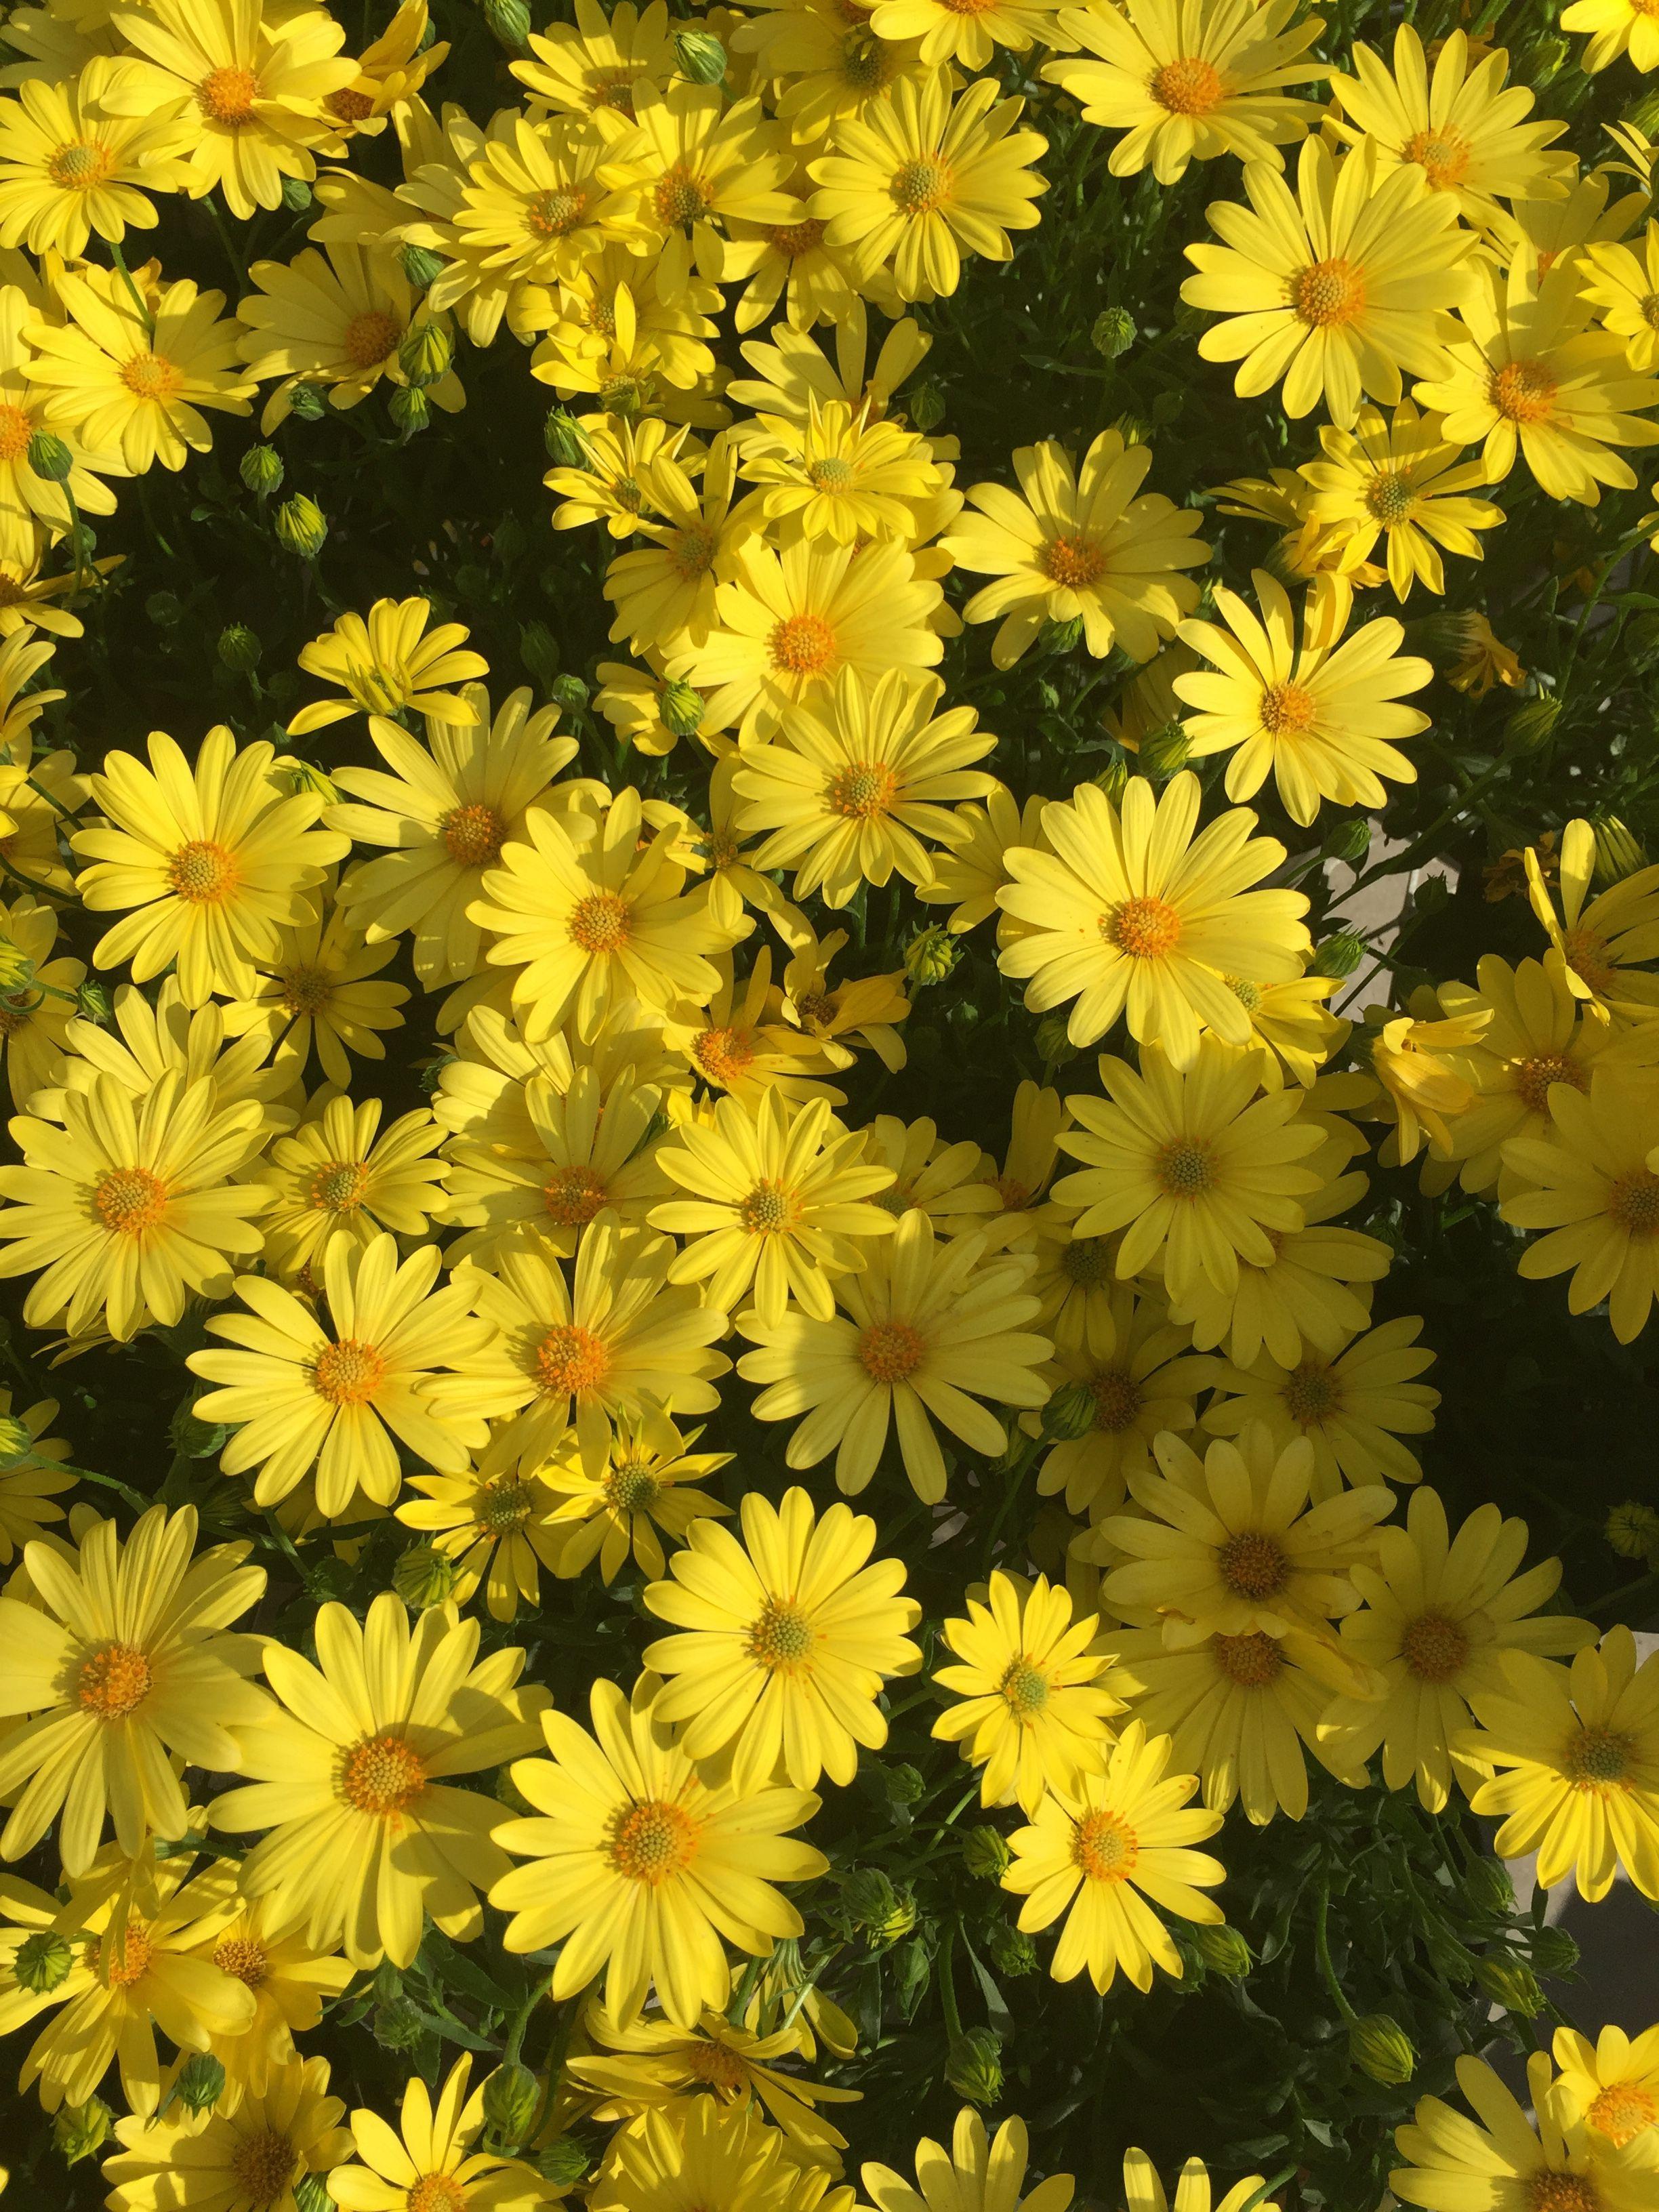 yellow daisies!! 🌼🌼🌼 yellow yellowflowers daisies